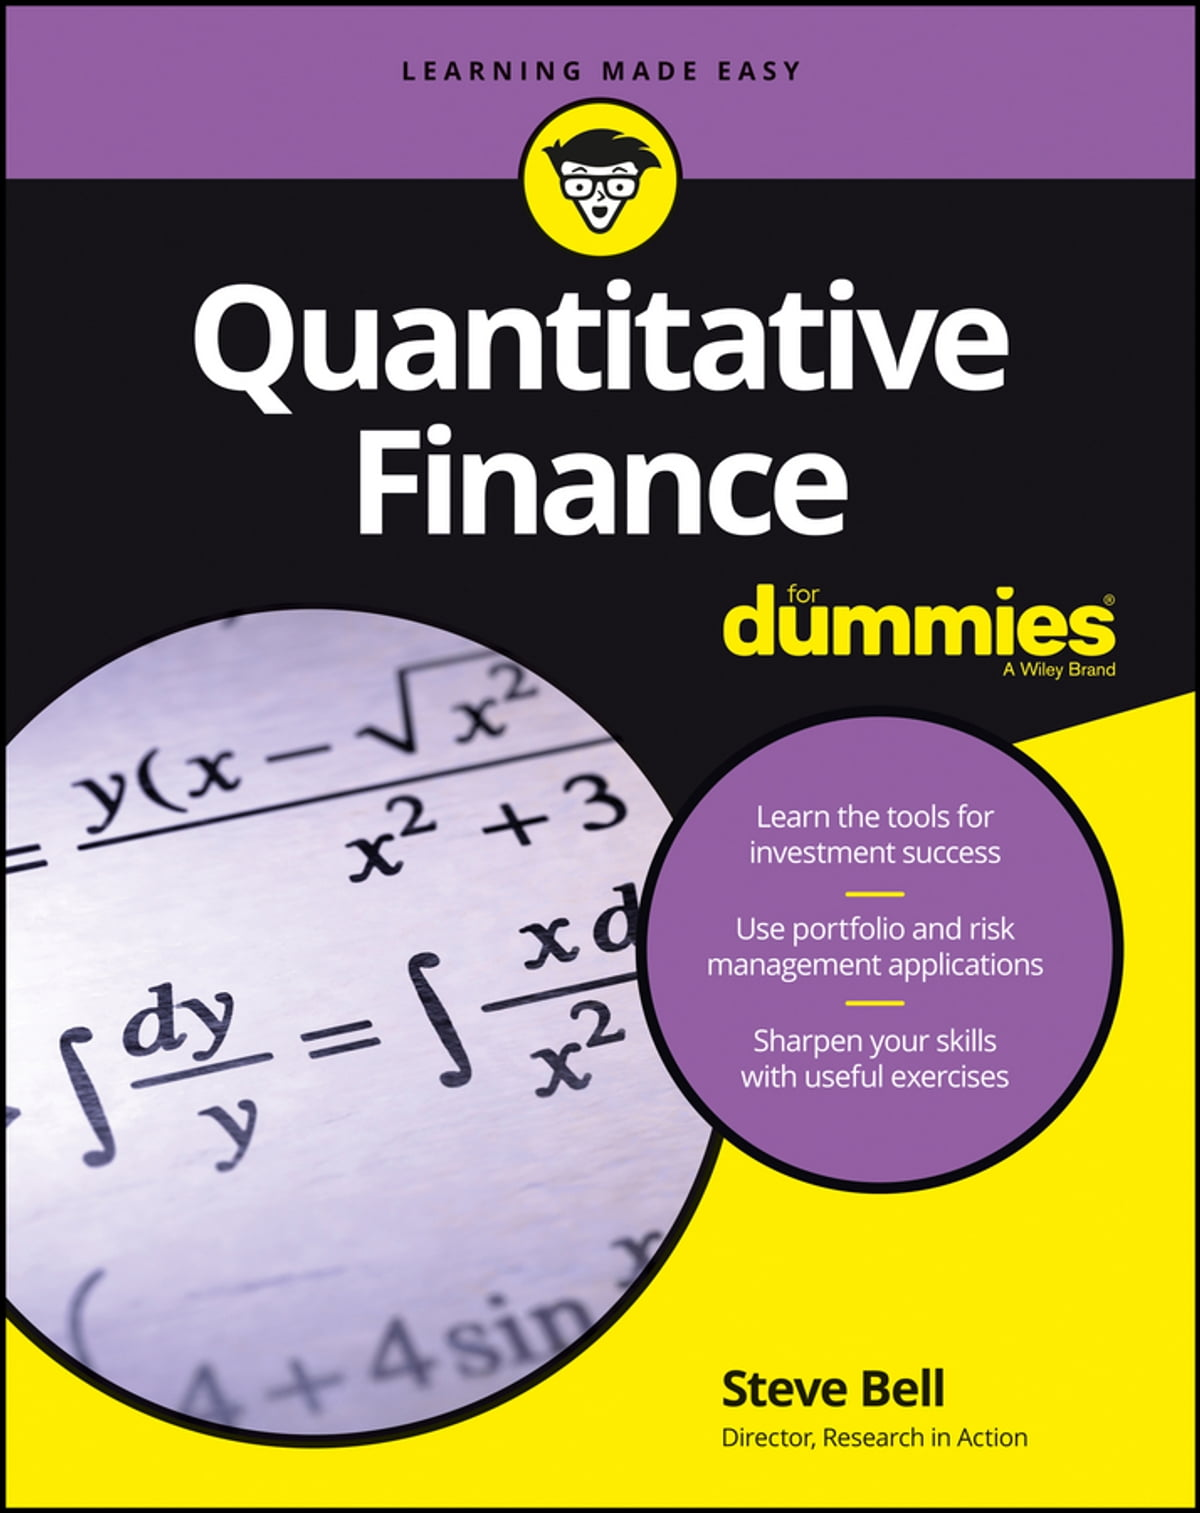 Quantitative Finance For Dummies eBook by Steve Bell - 9781118769430 | Rakuten Kobo